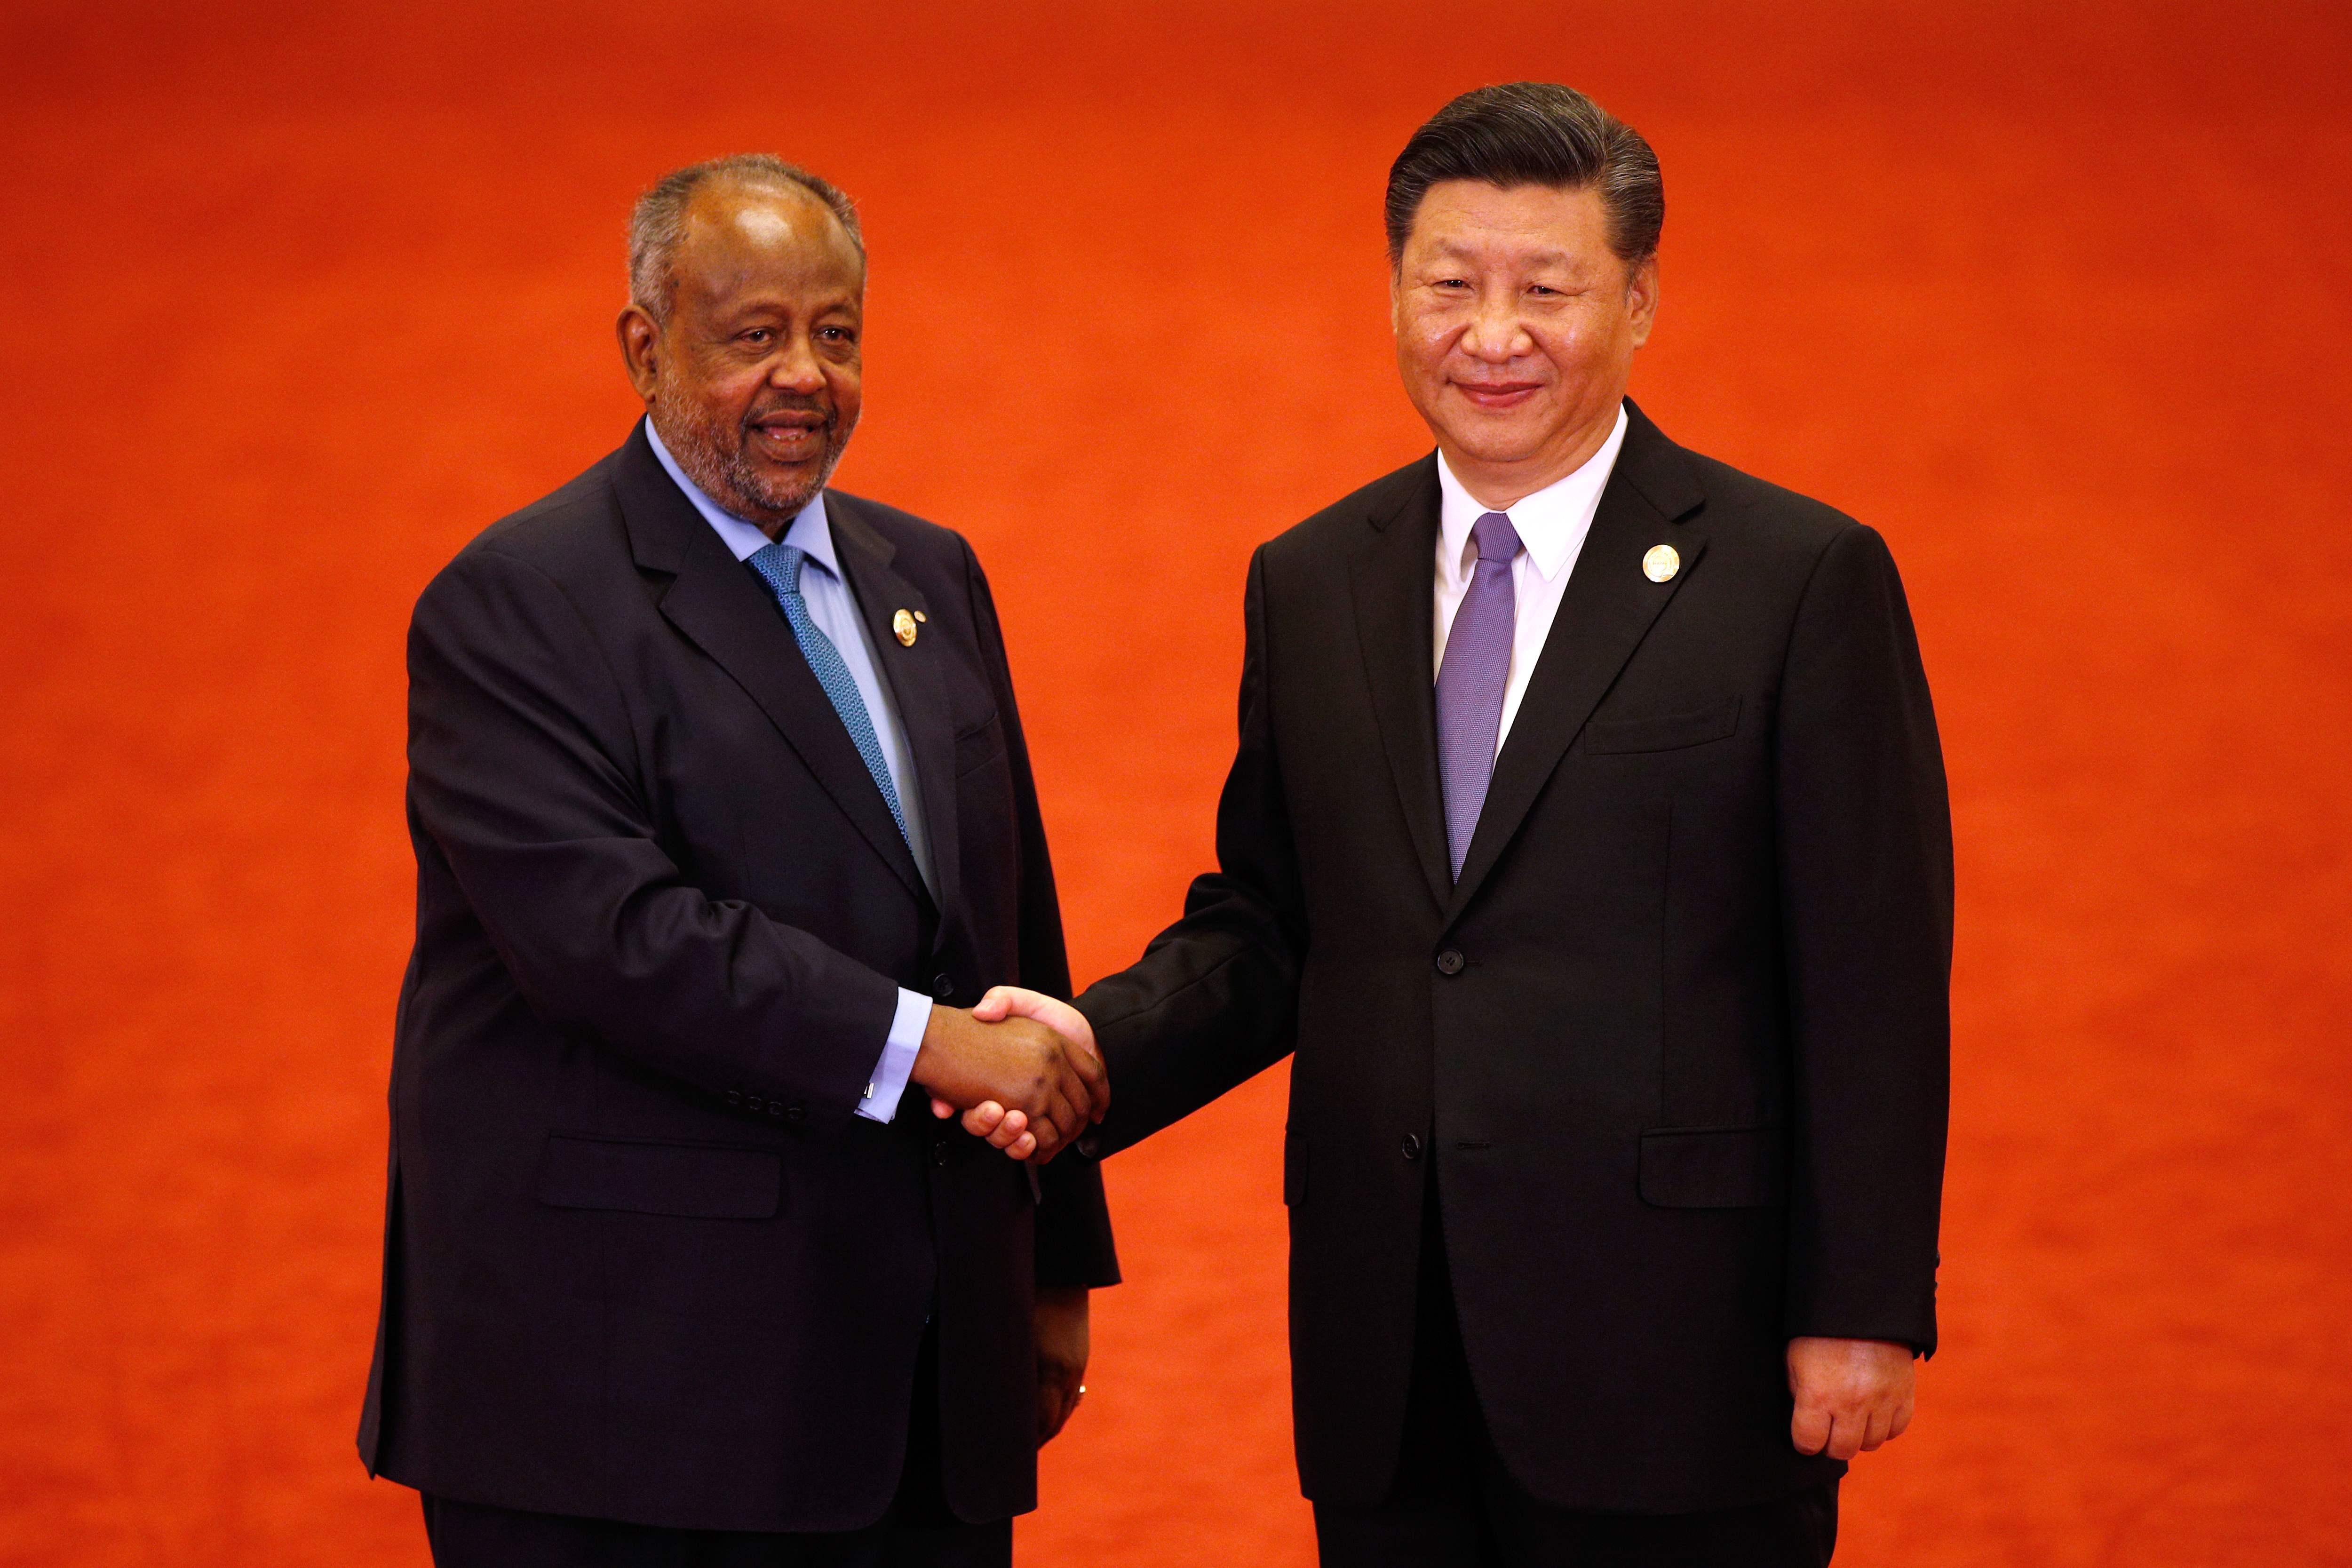 رئيس جيبوتى والرئيس الصينى